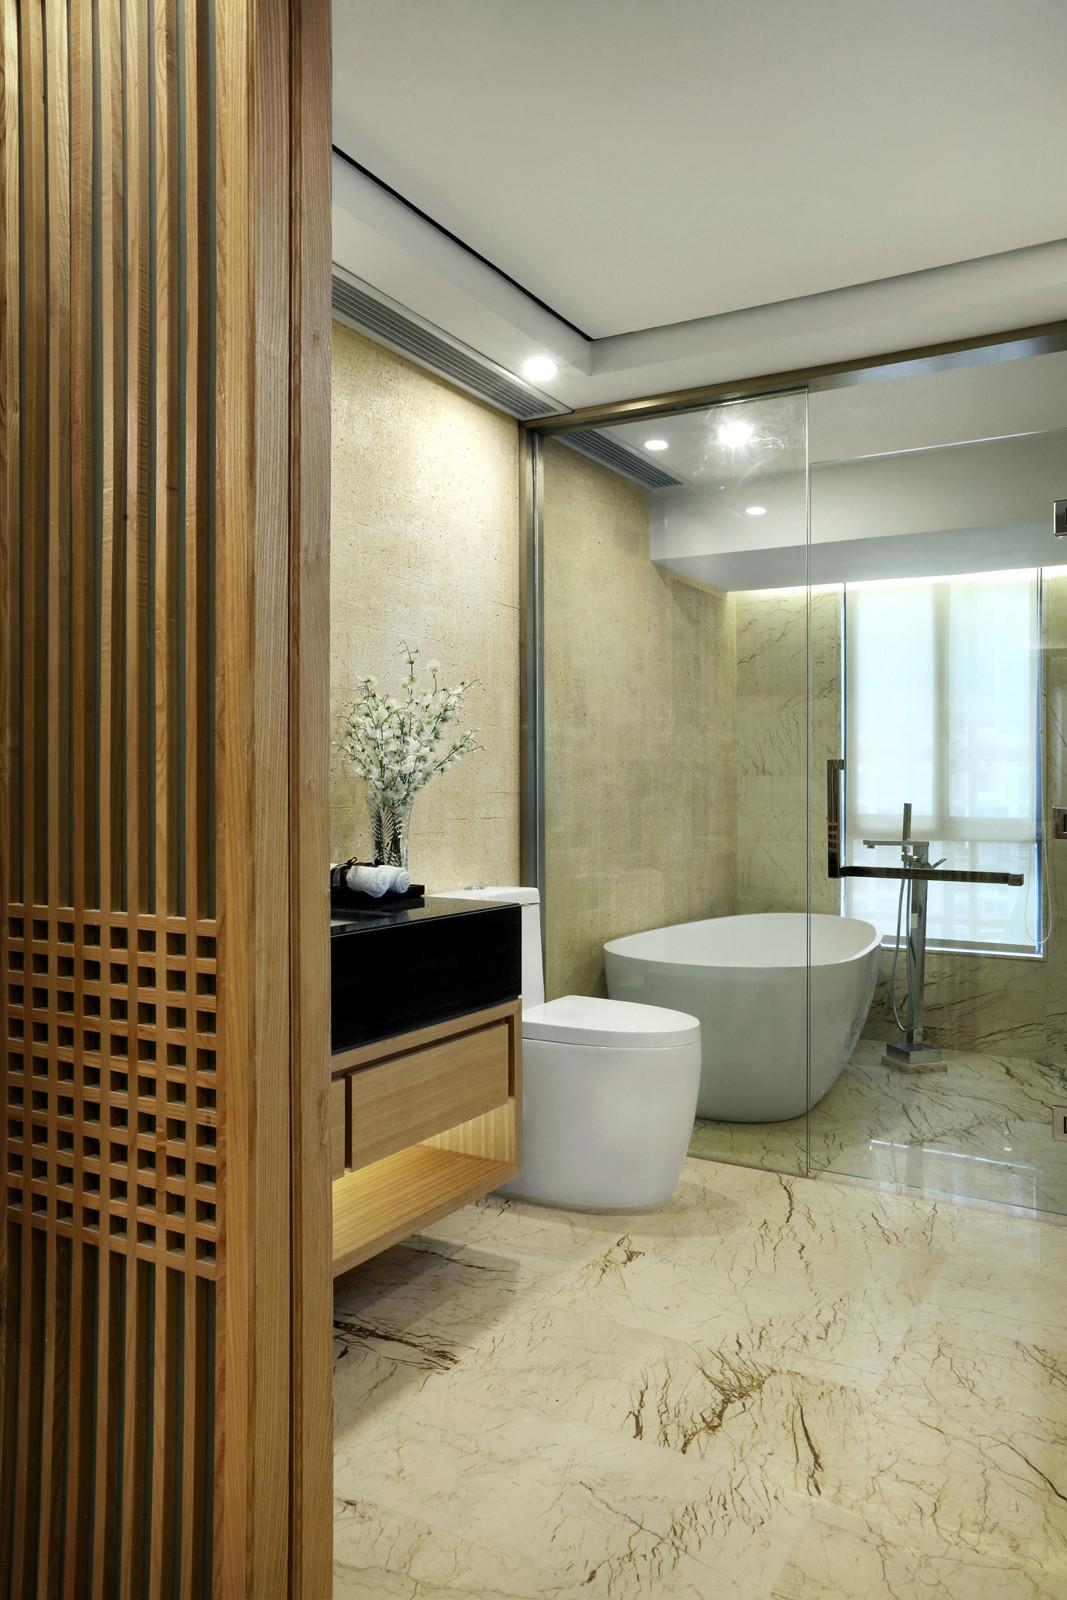 新中式样板房装修卫生间效果图